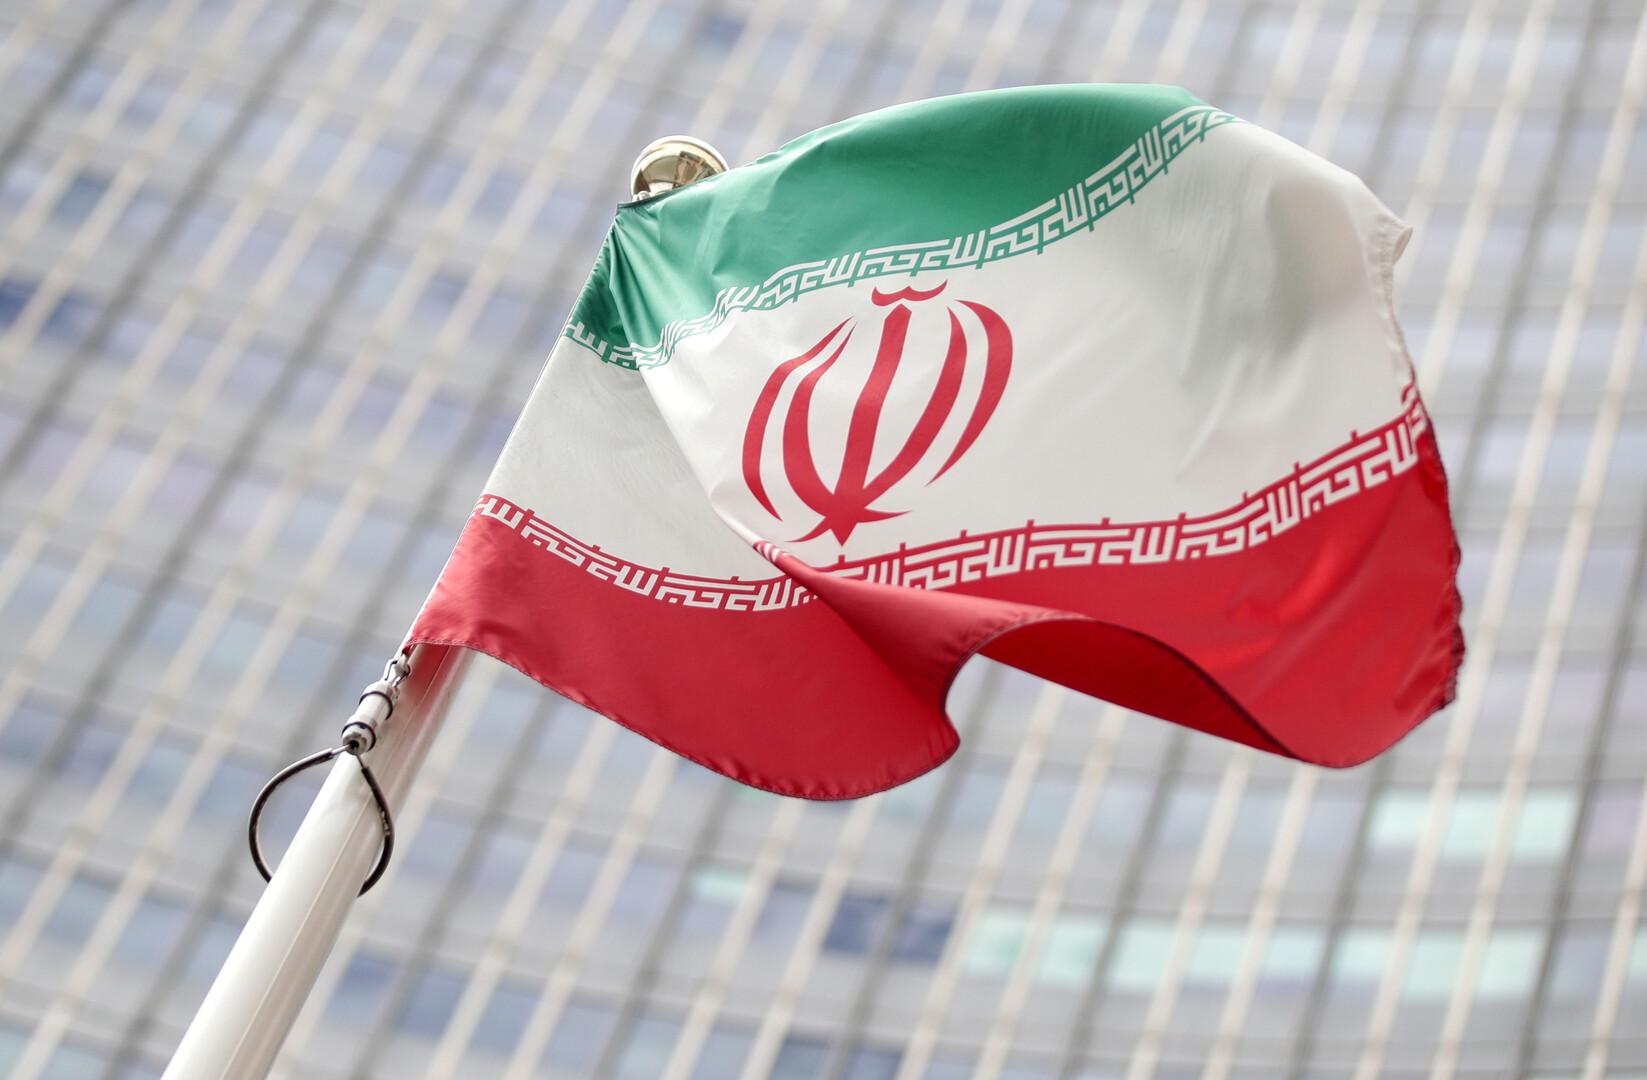 طهران: الهجوم على ناقلة النفط الإيرانية مغامرة خطرة نفذت من شرق البحر الأحمر